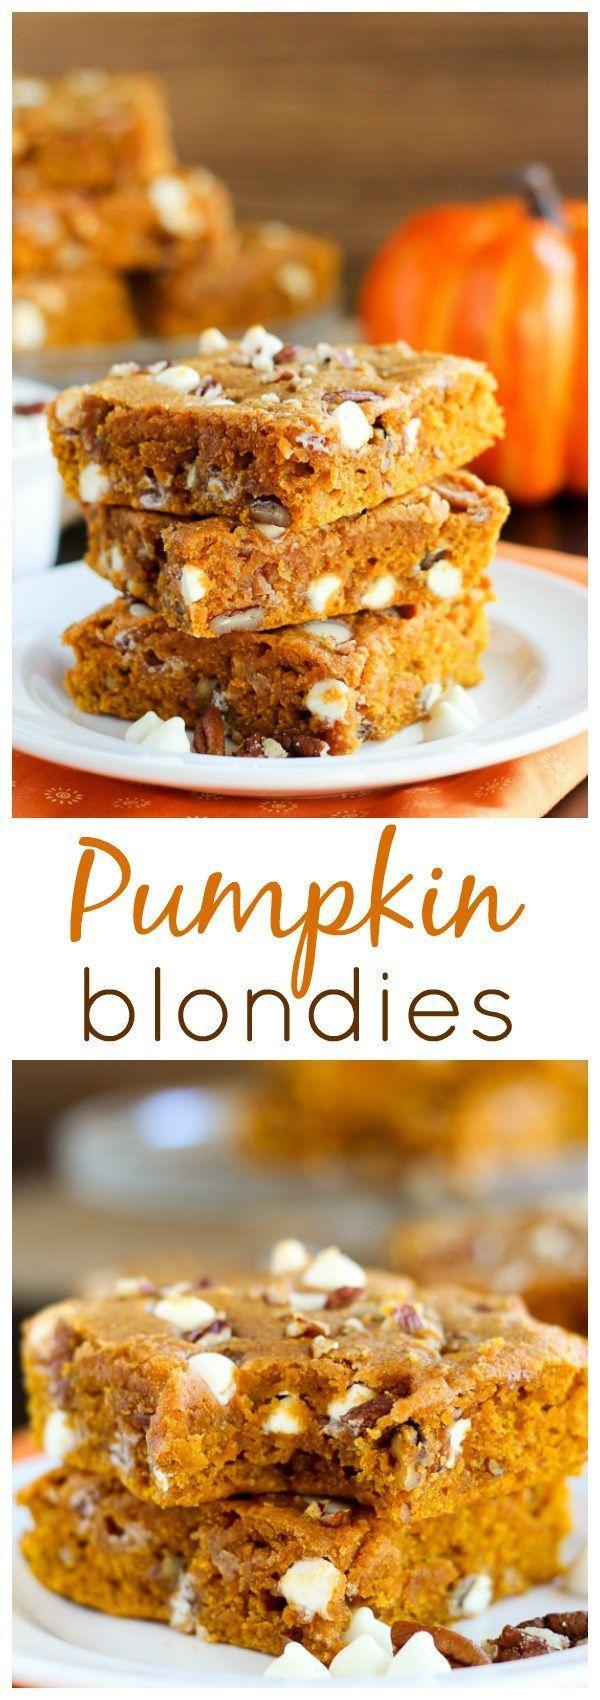 Pumpkin Blondies - Soft and moist pumpkin blondies made with brown butter and…